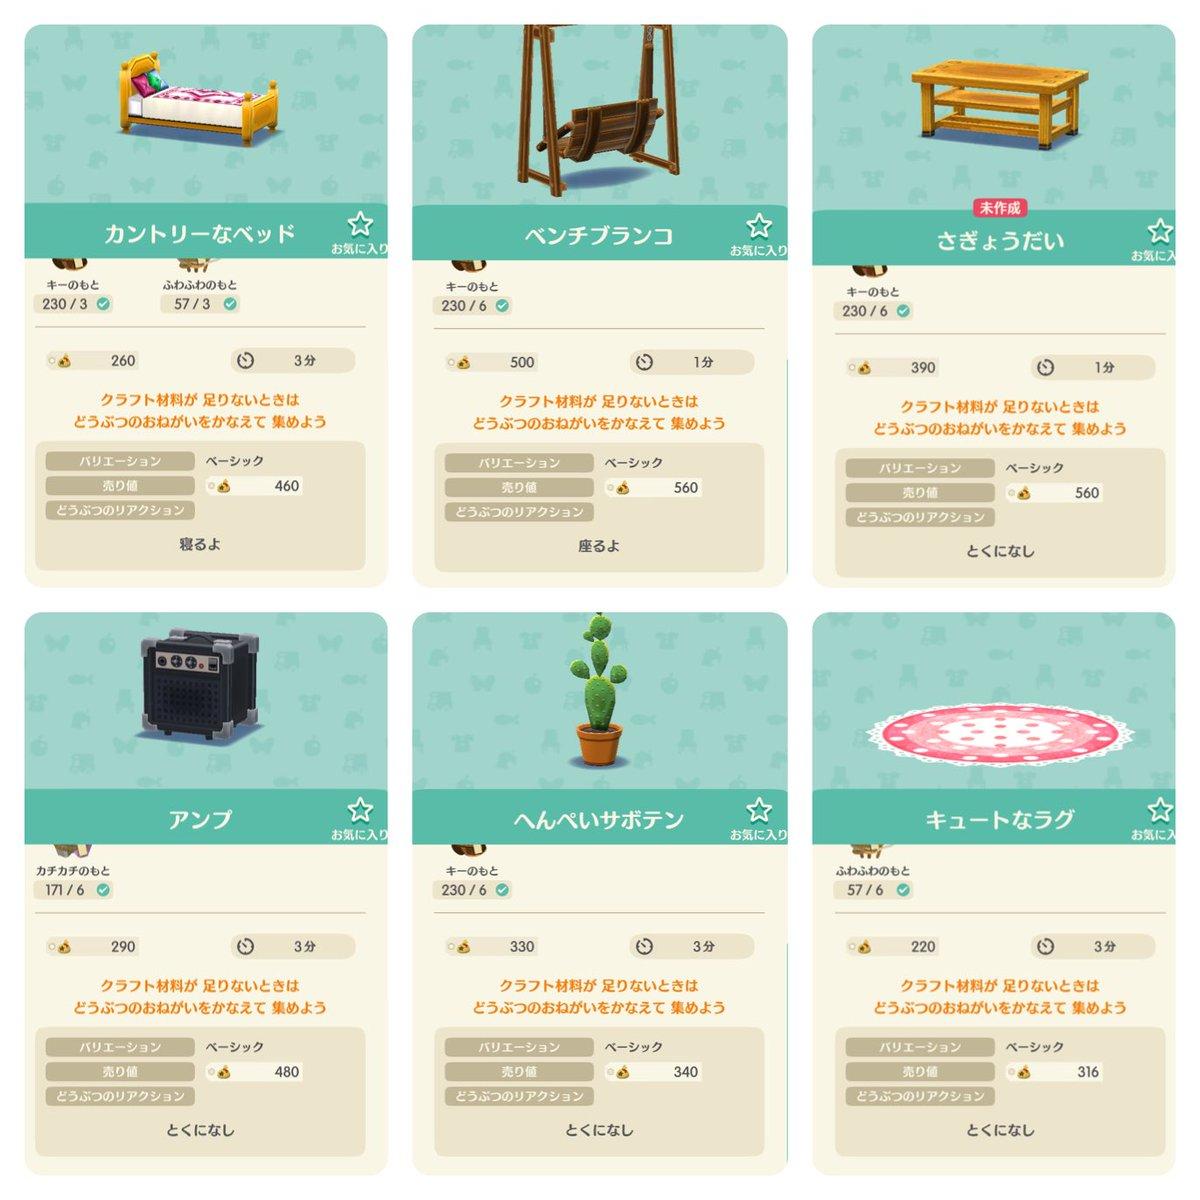 作り値より売値が高いのをまとめてみた これで、タヌキと商売できるでござる  #ぽけ森